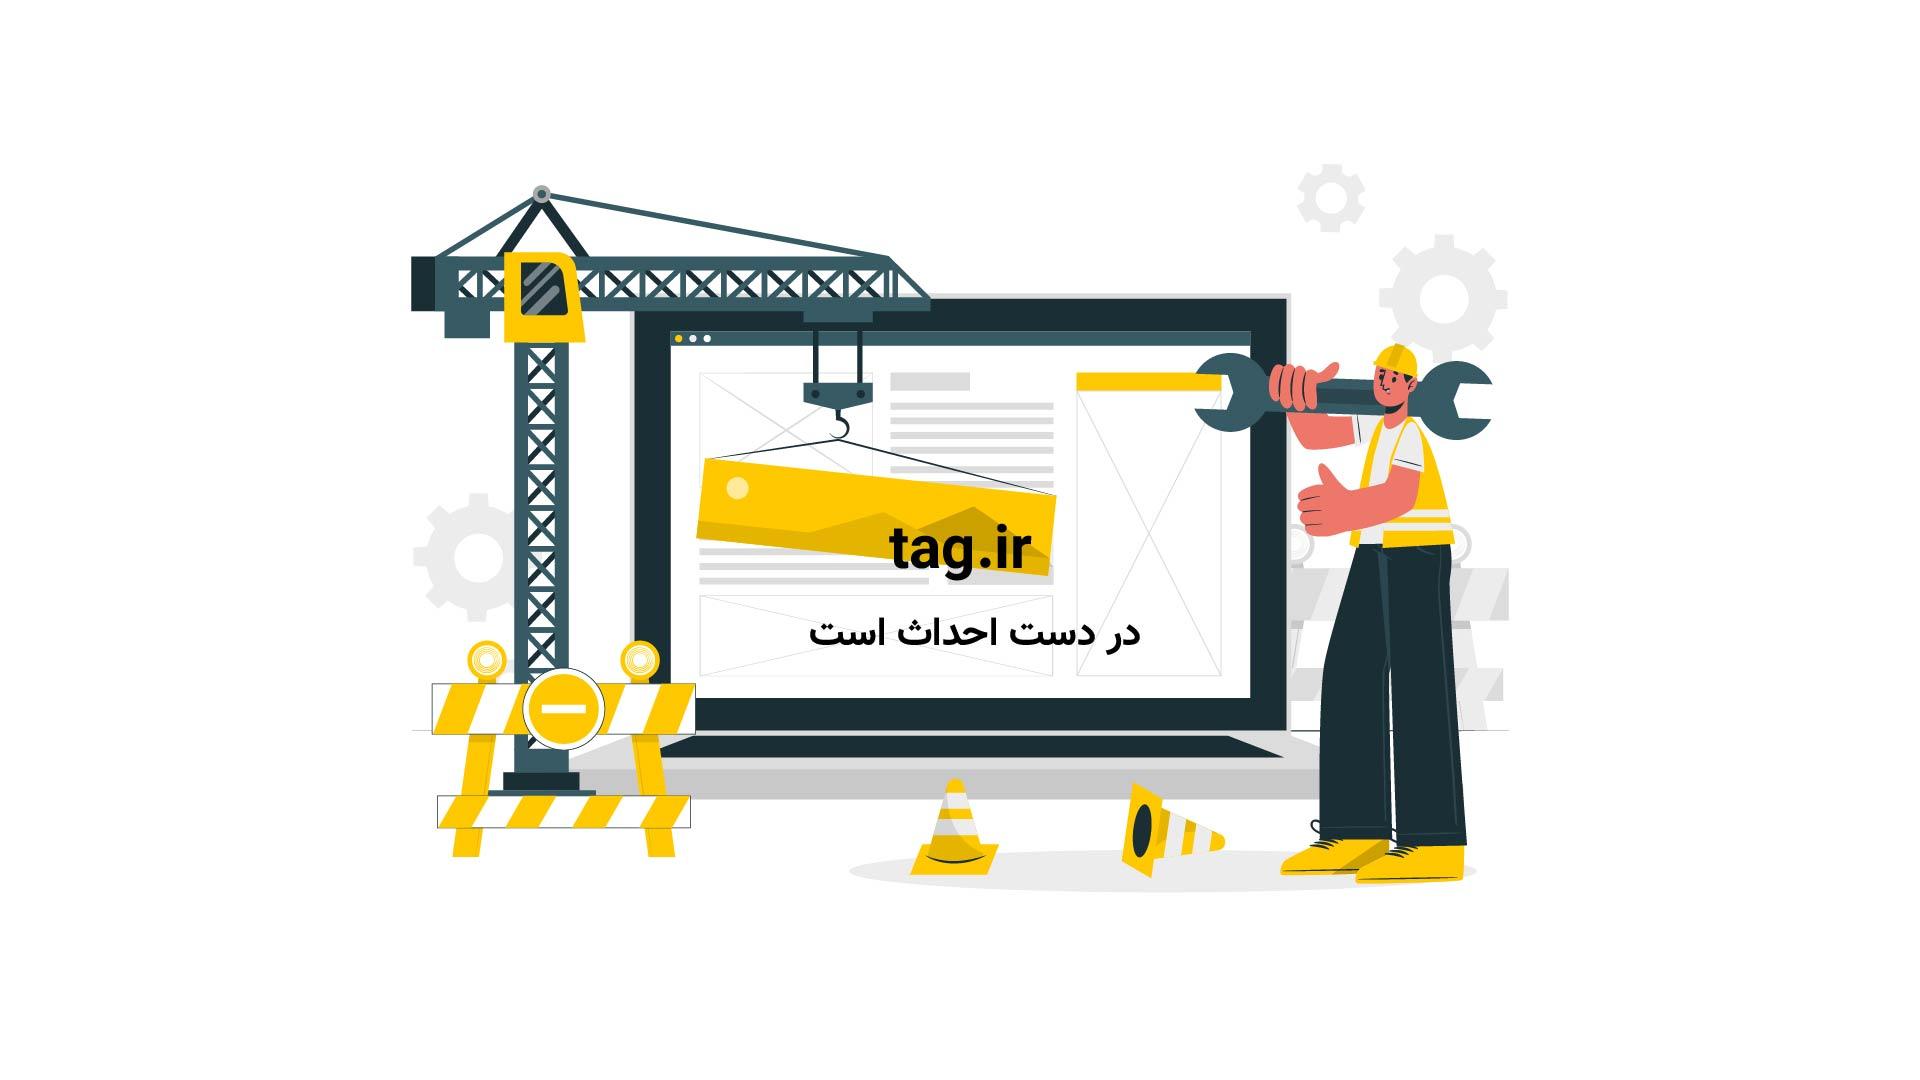 تصادف شدید | تگ